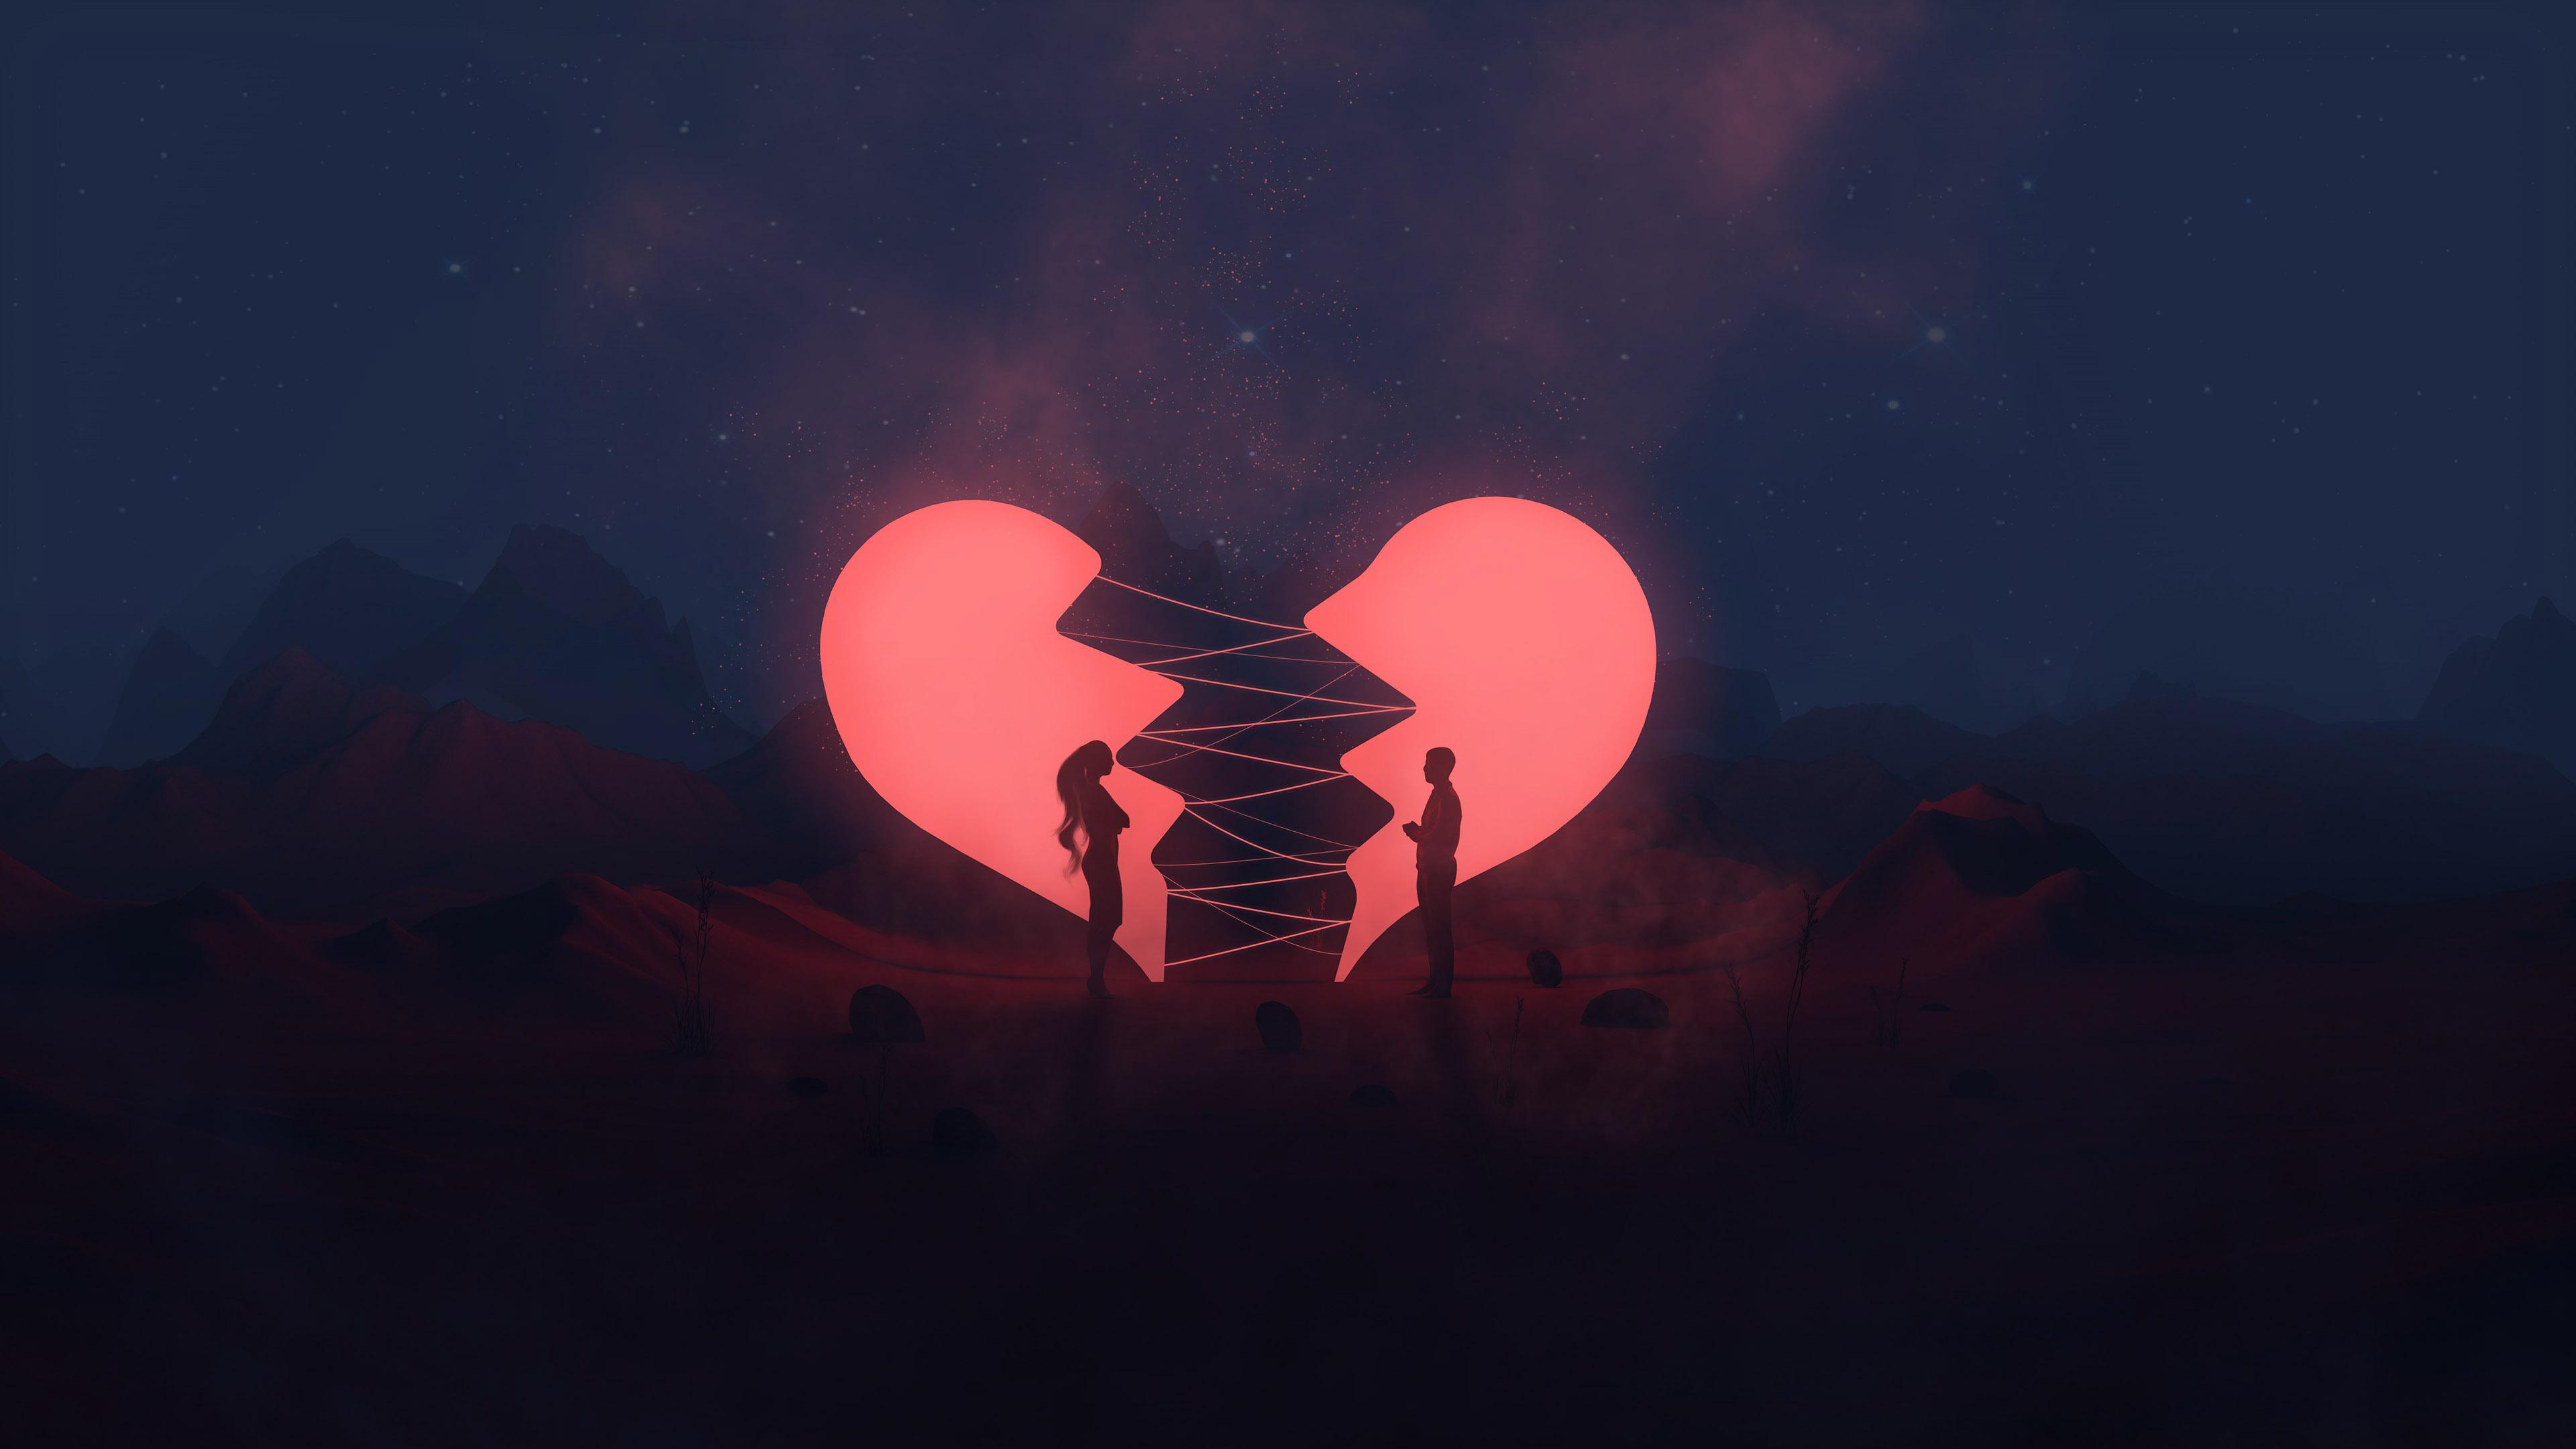 Broken Heart Couple Hd Love 4k Wallpapers Images